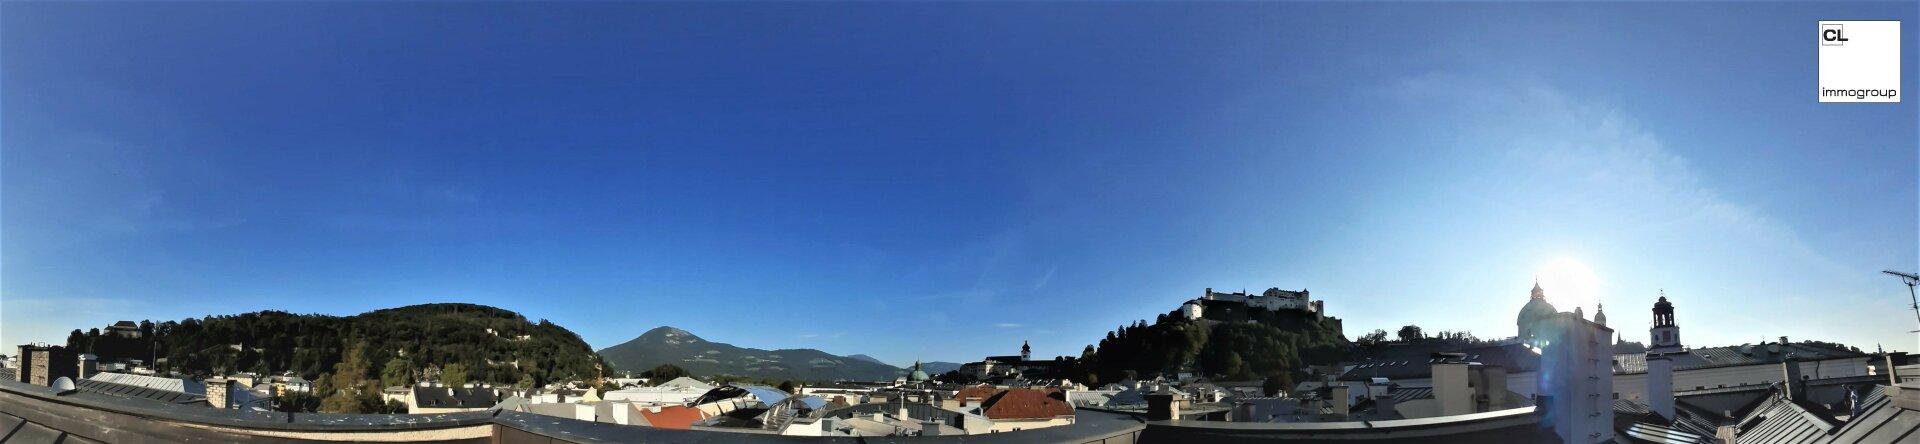 Panorama (Dach) zu Beeindruckend schöne Altbauwohnung im Herzen der Salzburger Altstadt, (c) CL-immogroup, www.CL-immogroup.at